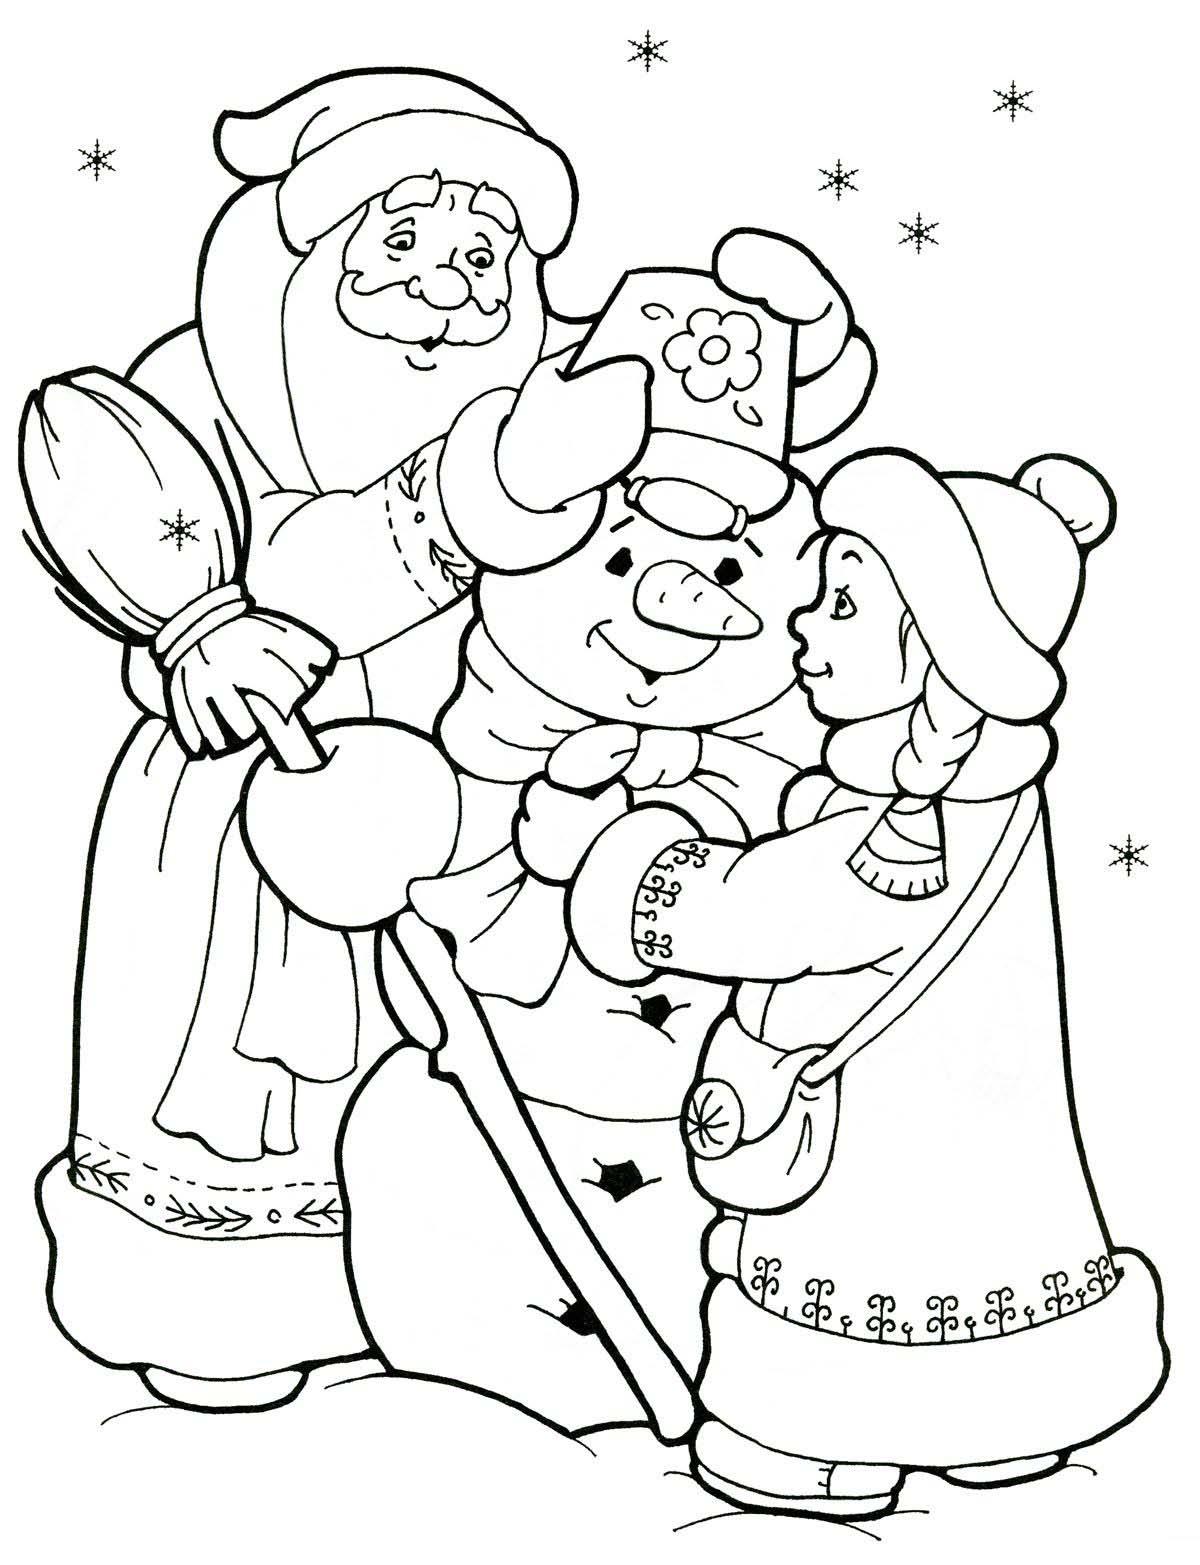 раскраска деде мороз и снегурочка и снеговик распечатать